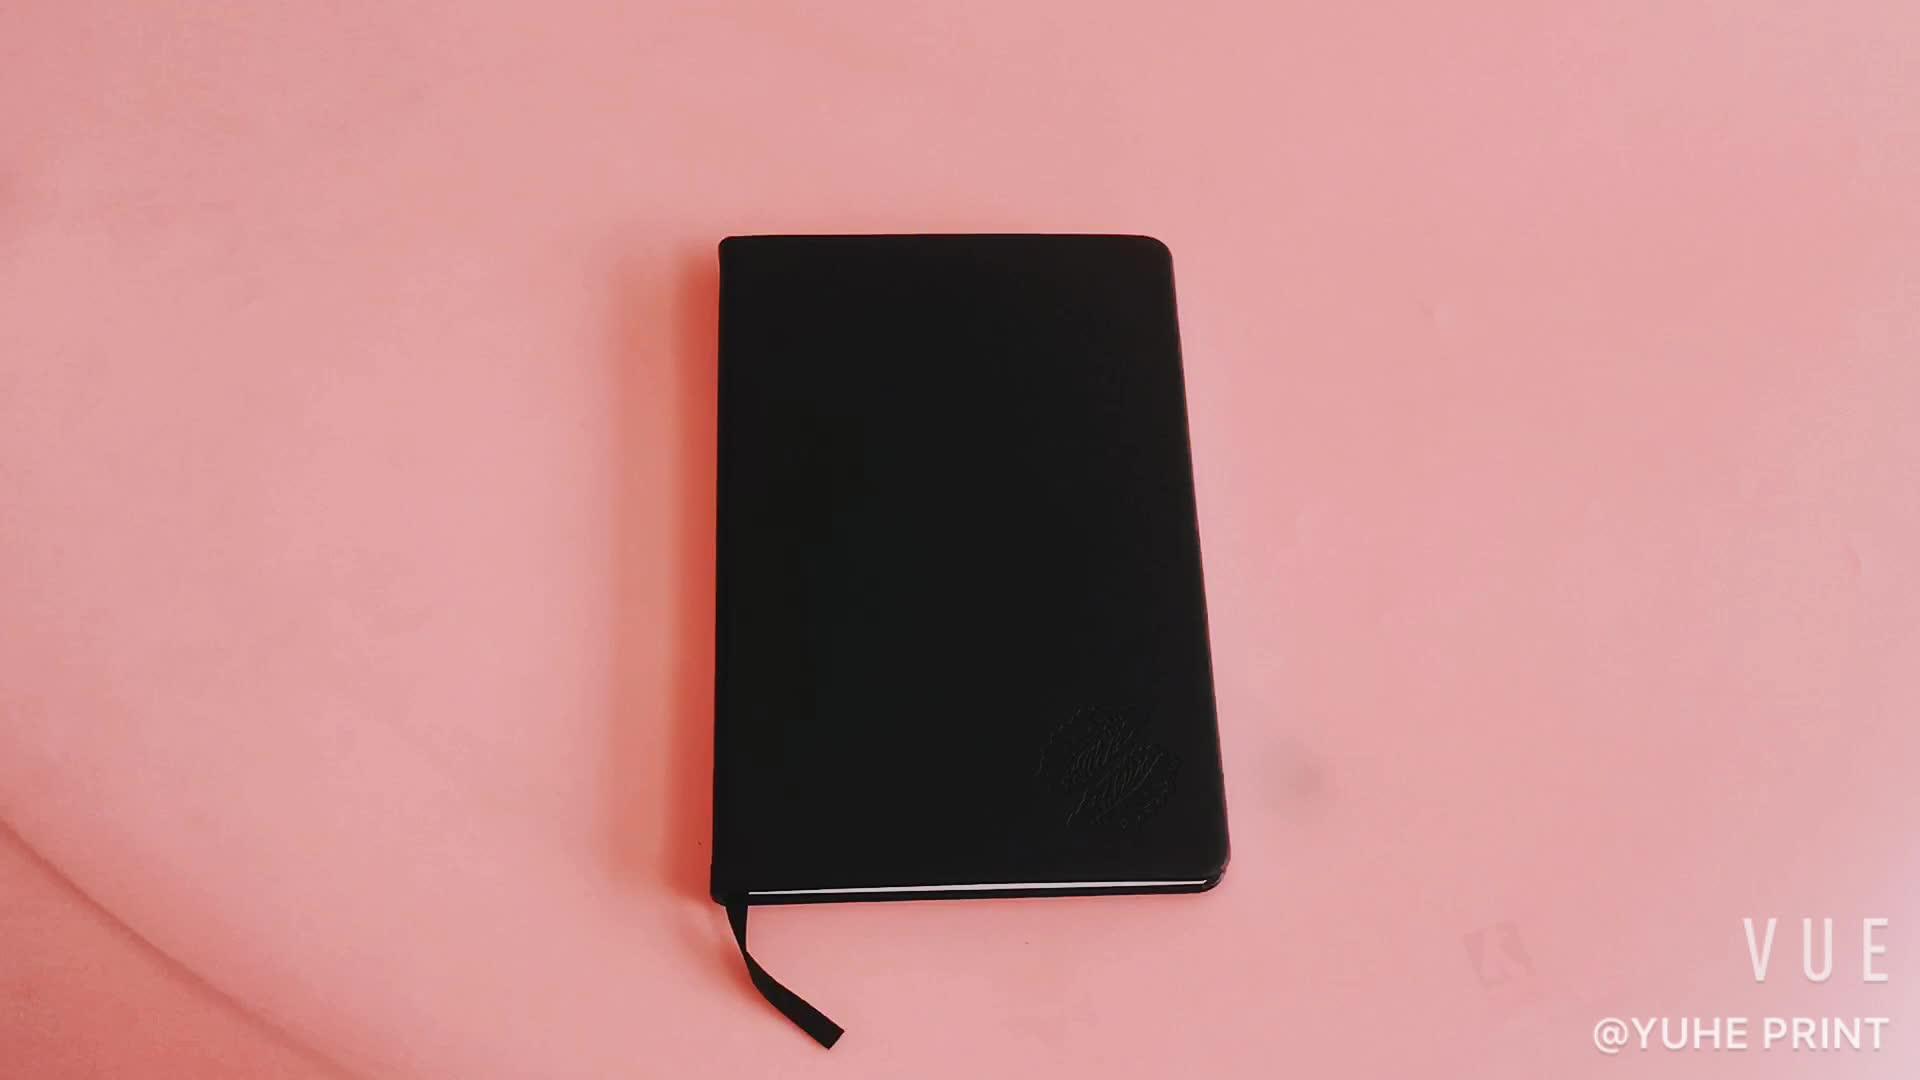 Nach 2019 Schwarz Hardcover Günstige Feder Leder Notebook in Gute Qualität Druck